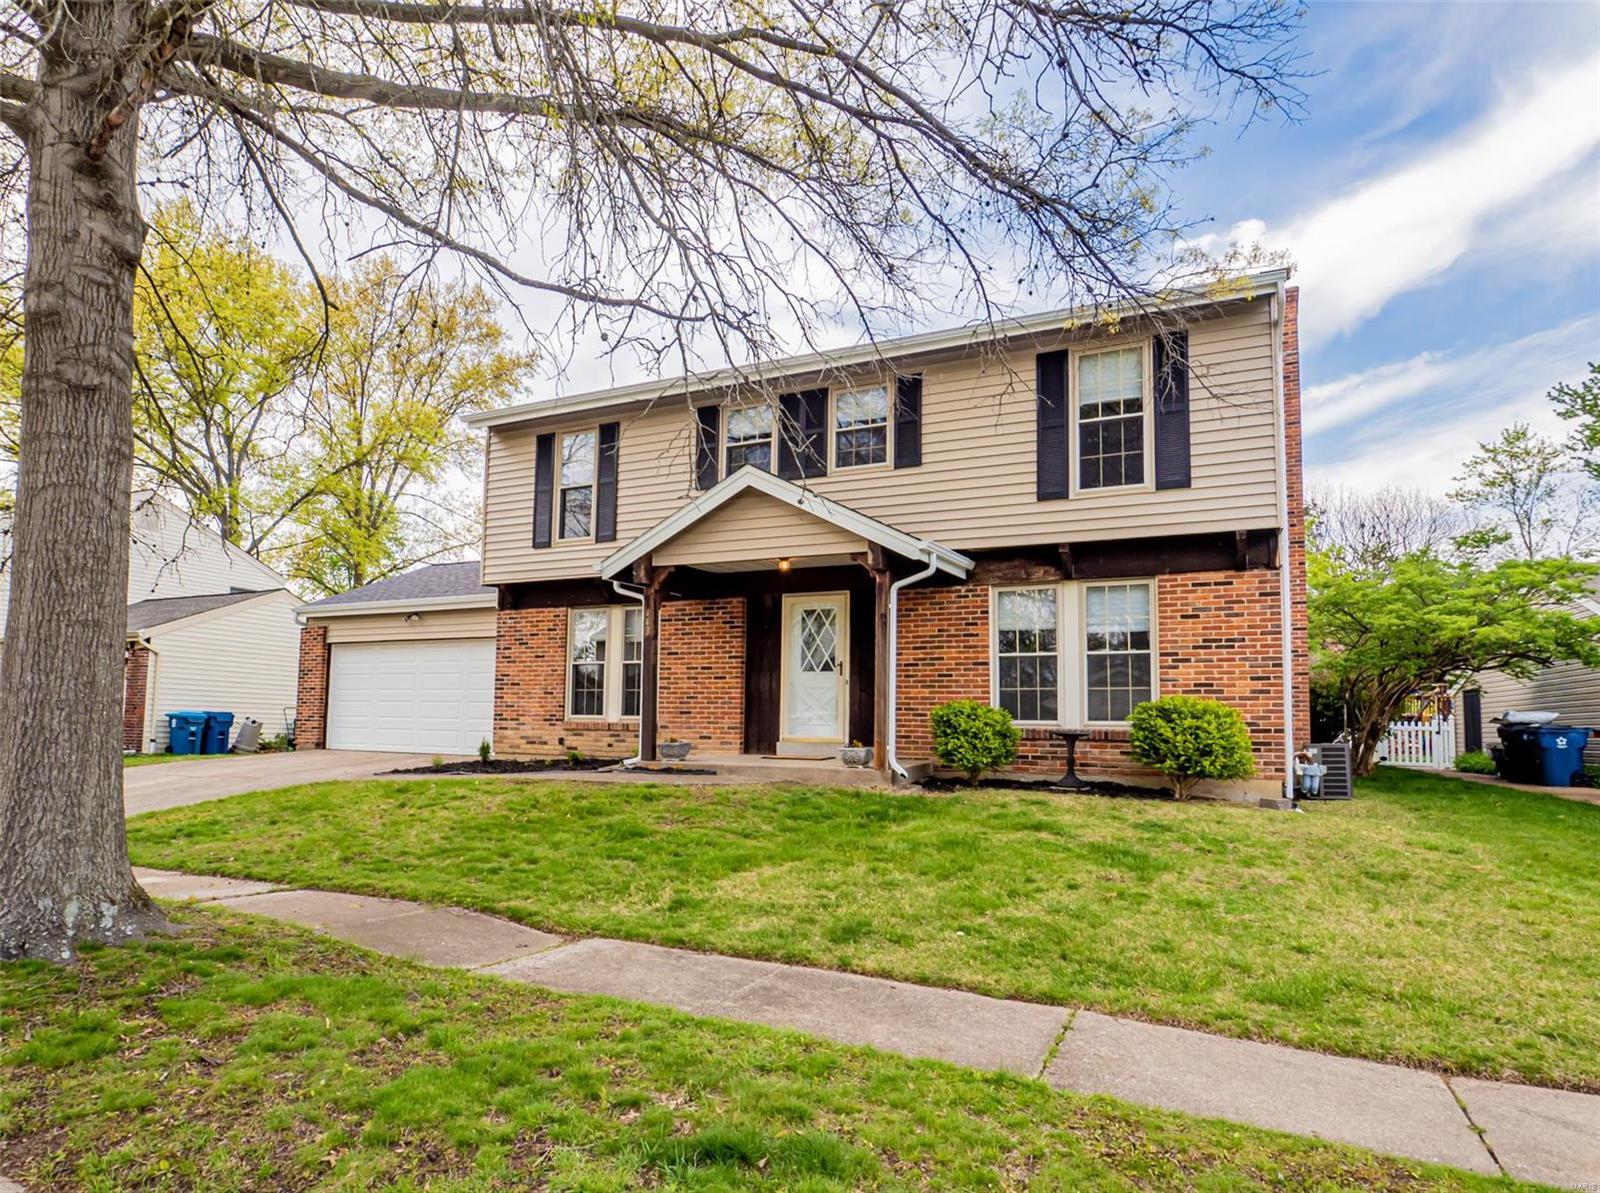 443 Paula Vale Property Photo